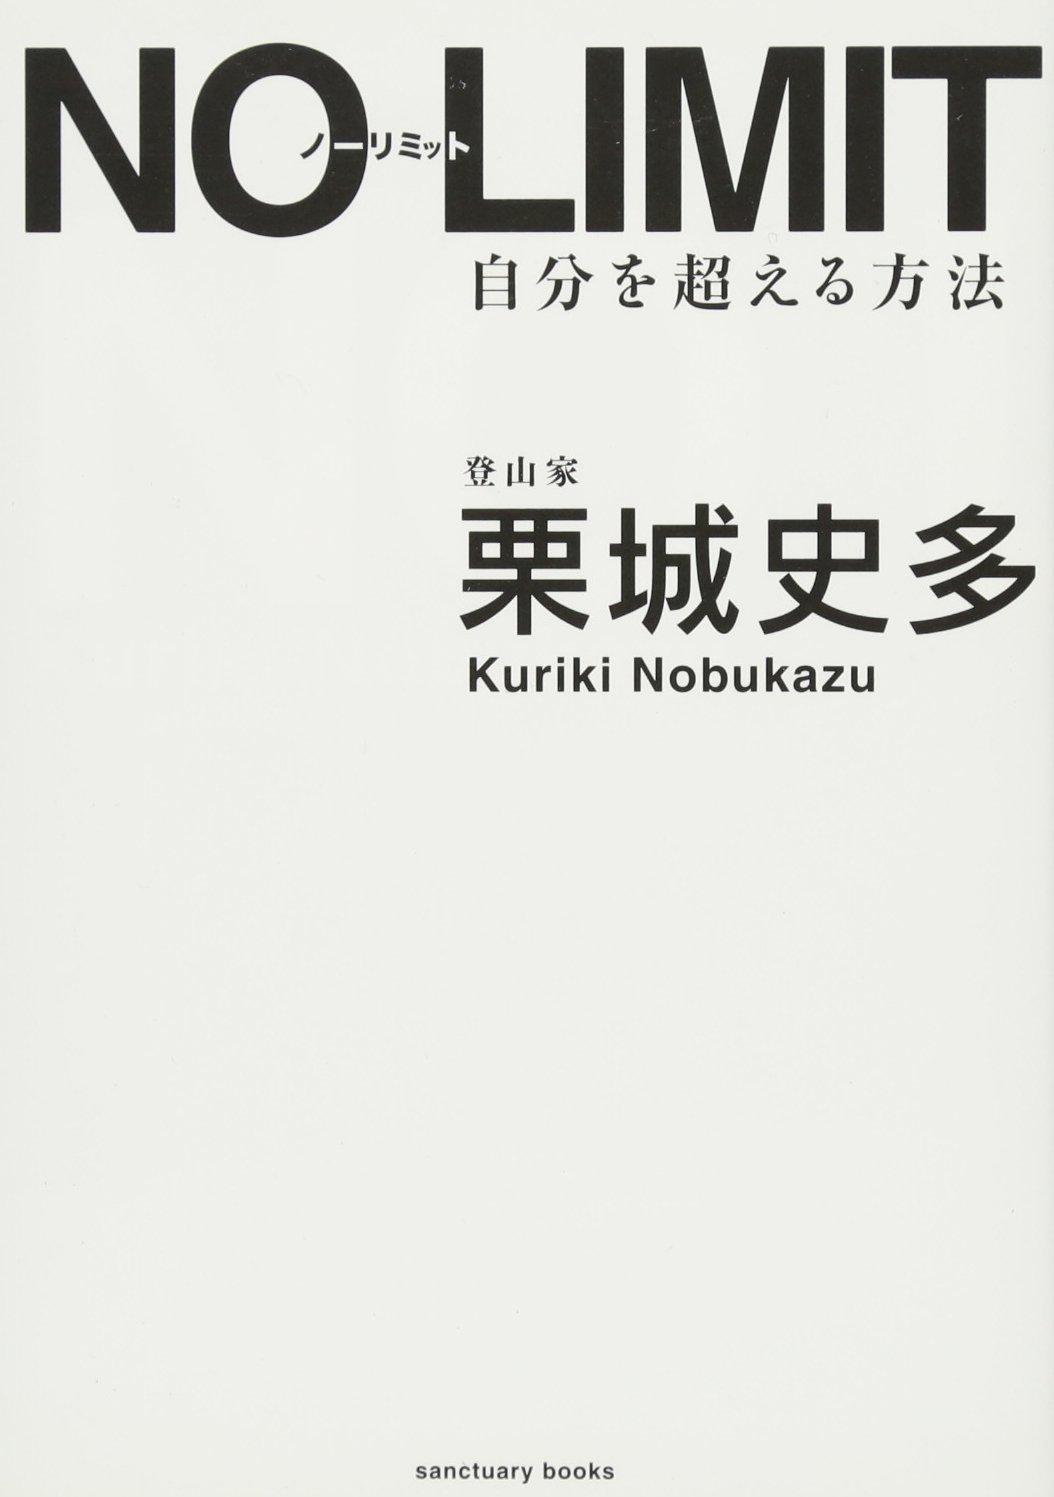 NO LIMIT ノーリミット 自分を超える方法 (Sanctuary books) 栗城史多 (著)